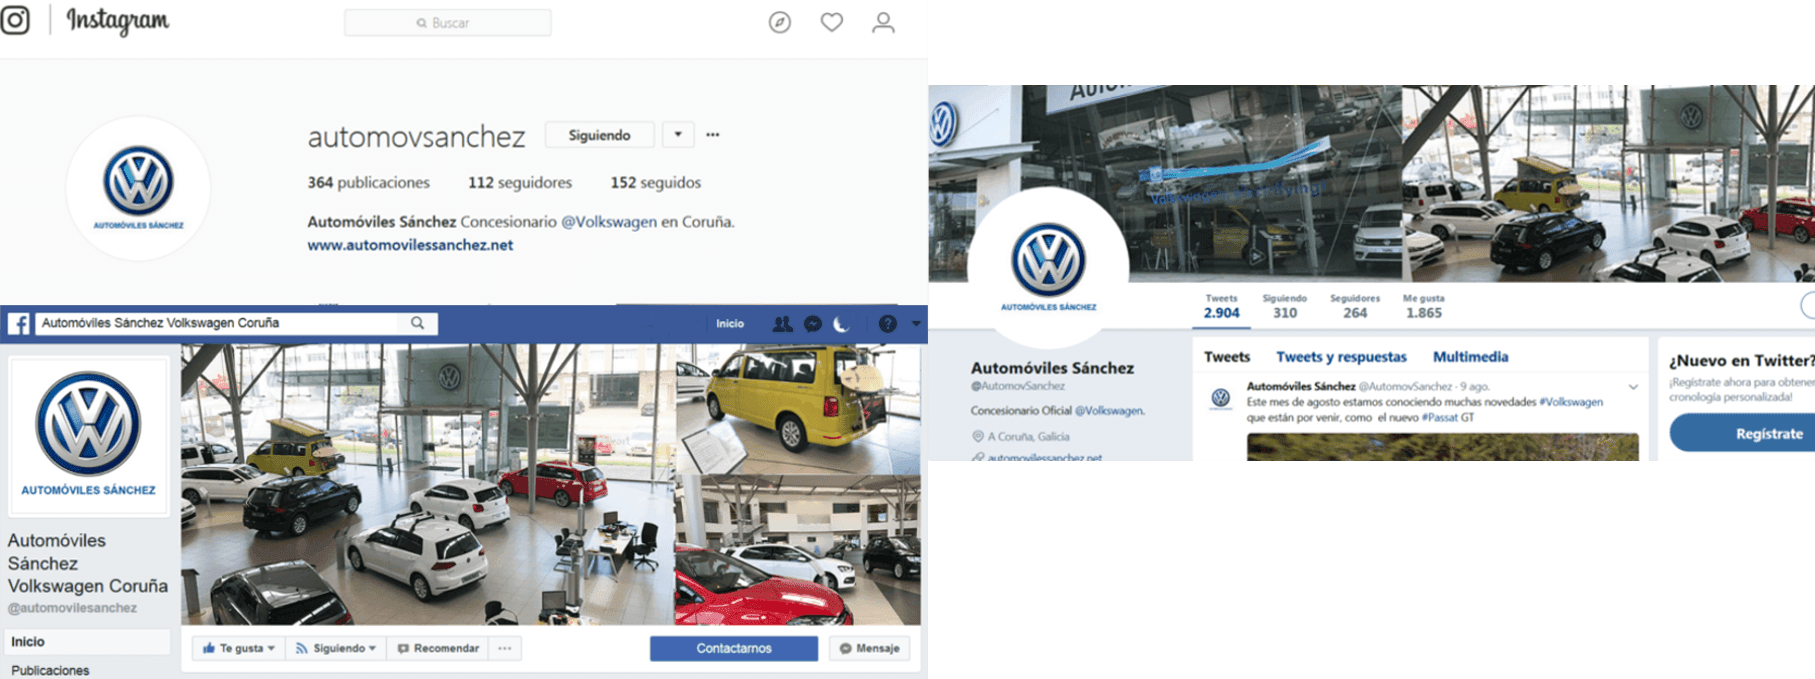 Automóviles Sánchez en las redes sociales